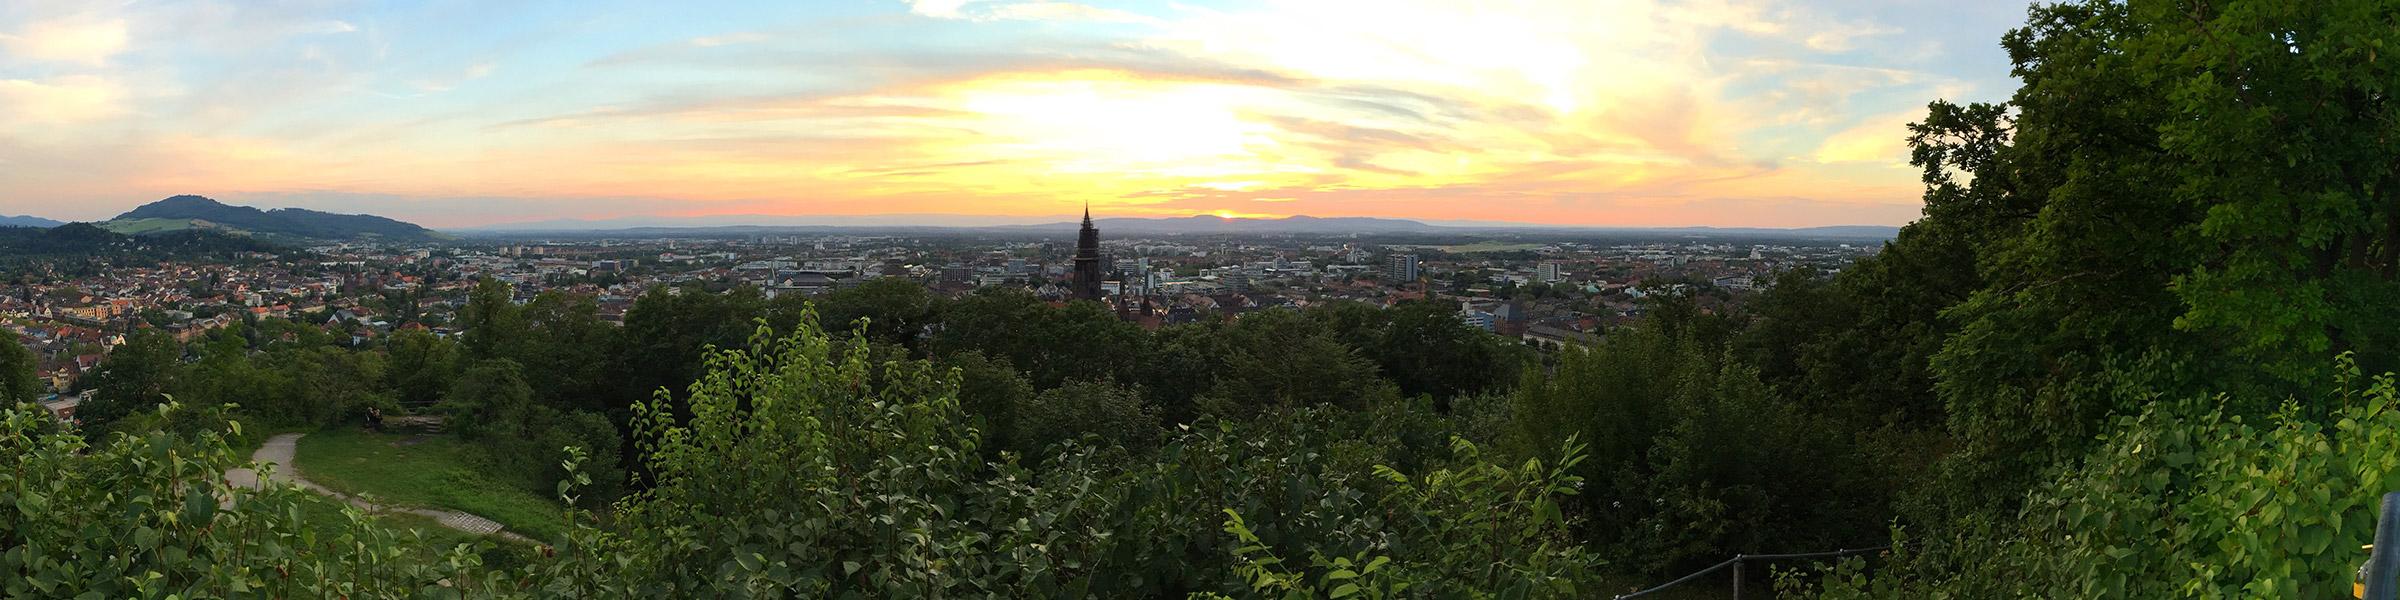 Büro konzepte Rombach in Freiburg